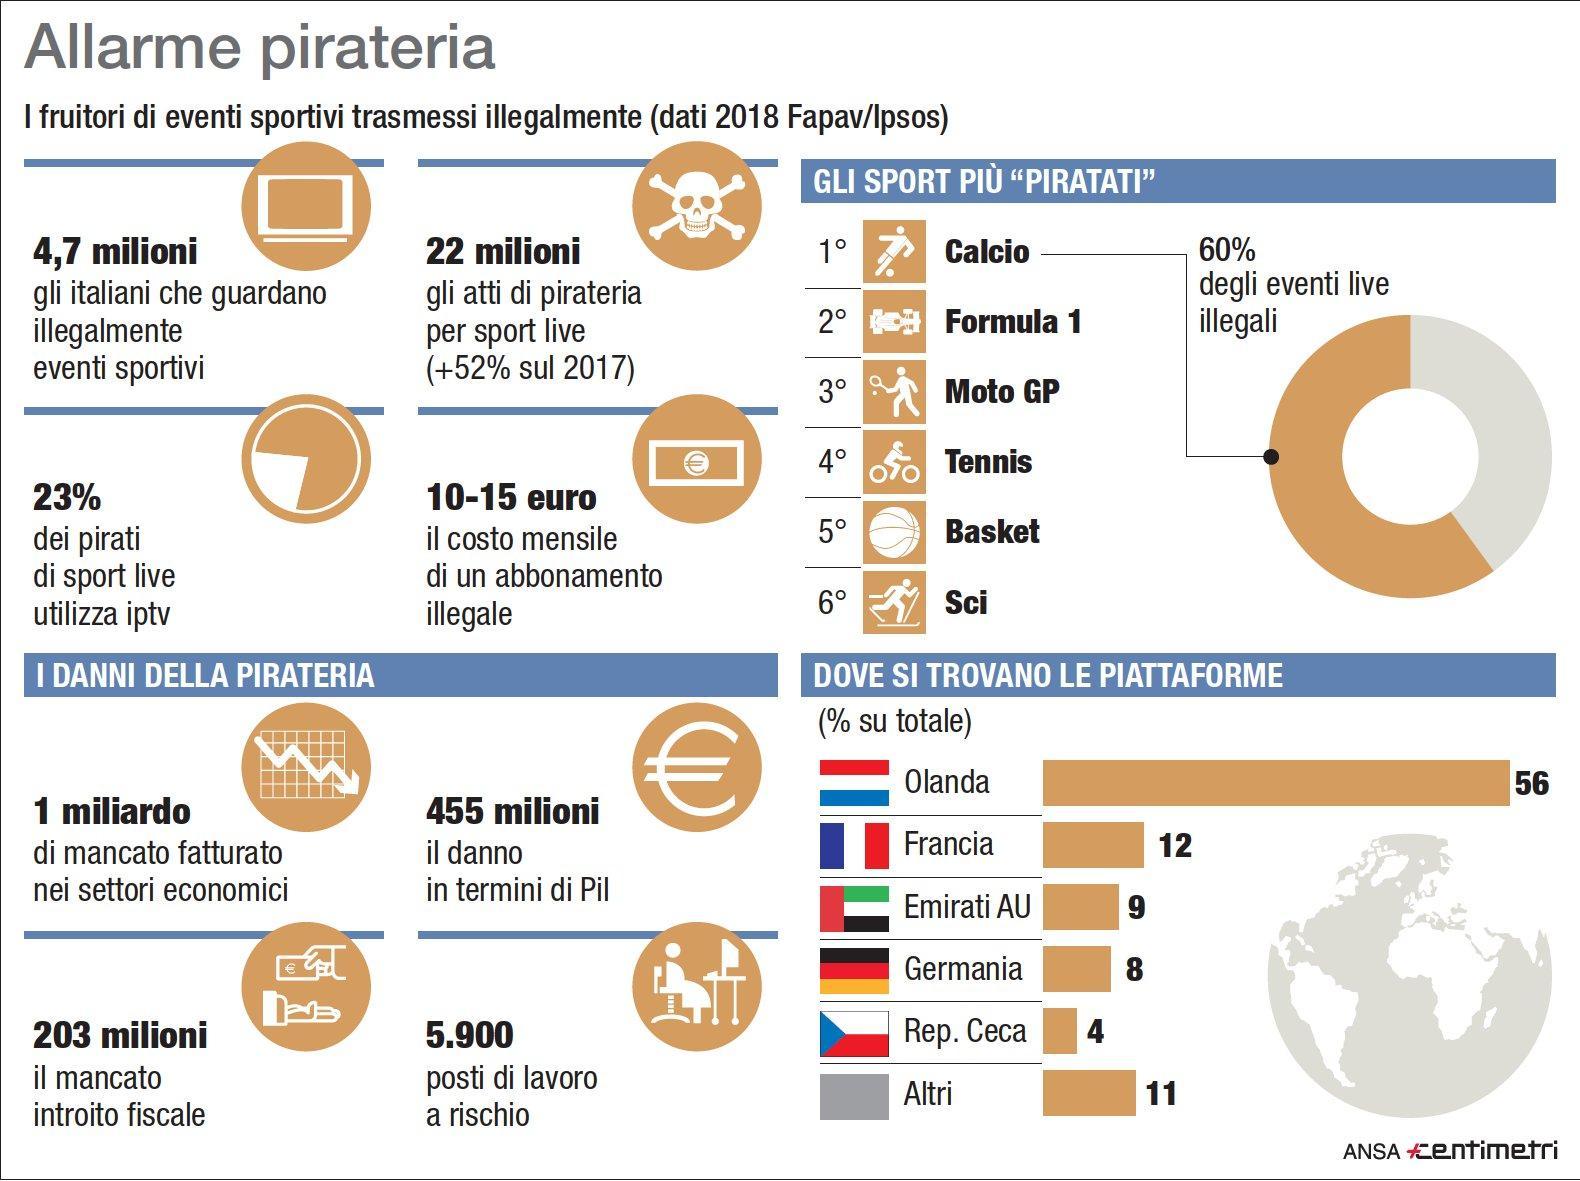 Allarme pirateria: gli eventi sportivi trasmessi illegalmente